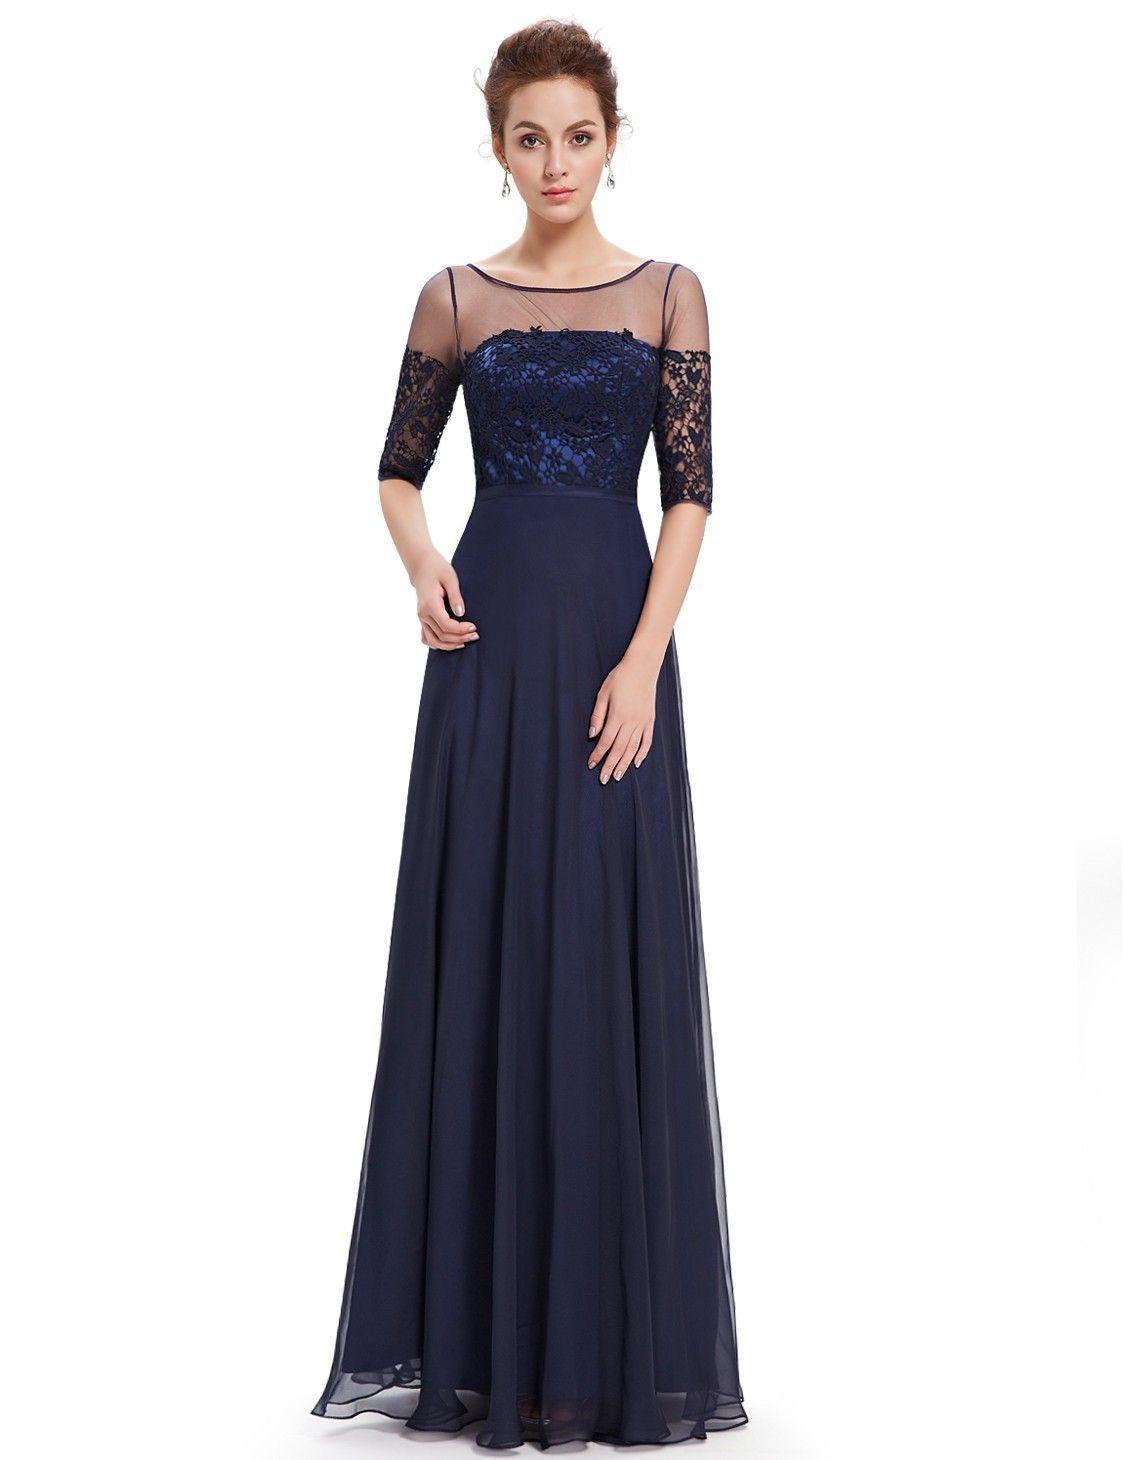 Perfekt Abendkleid Dunkelblau Design Erstaunlich Abendkleid Dunkelblau für 2019